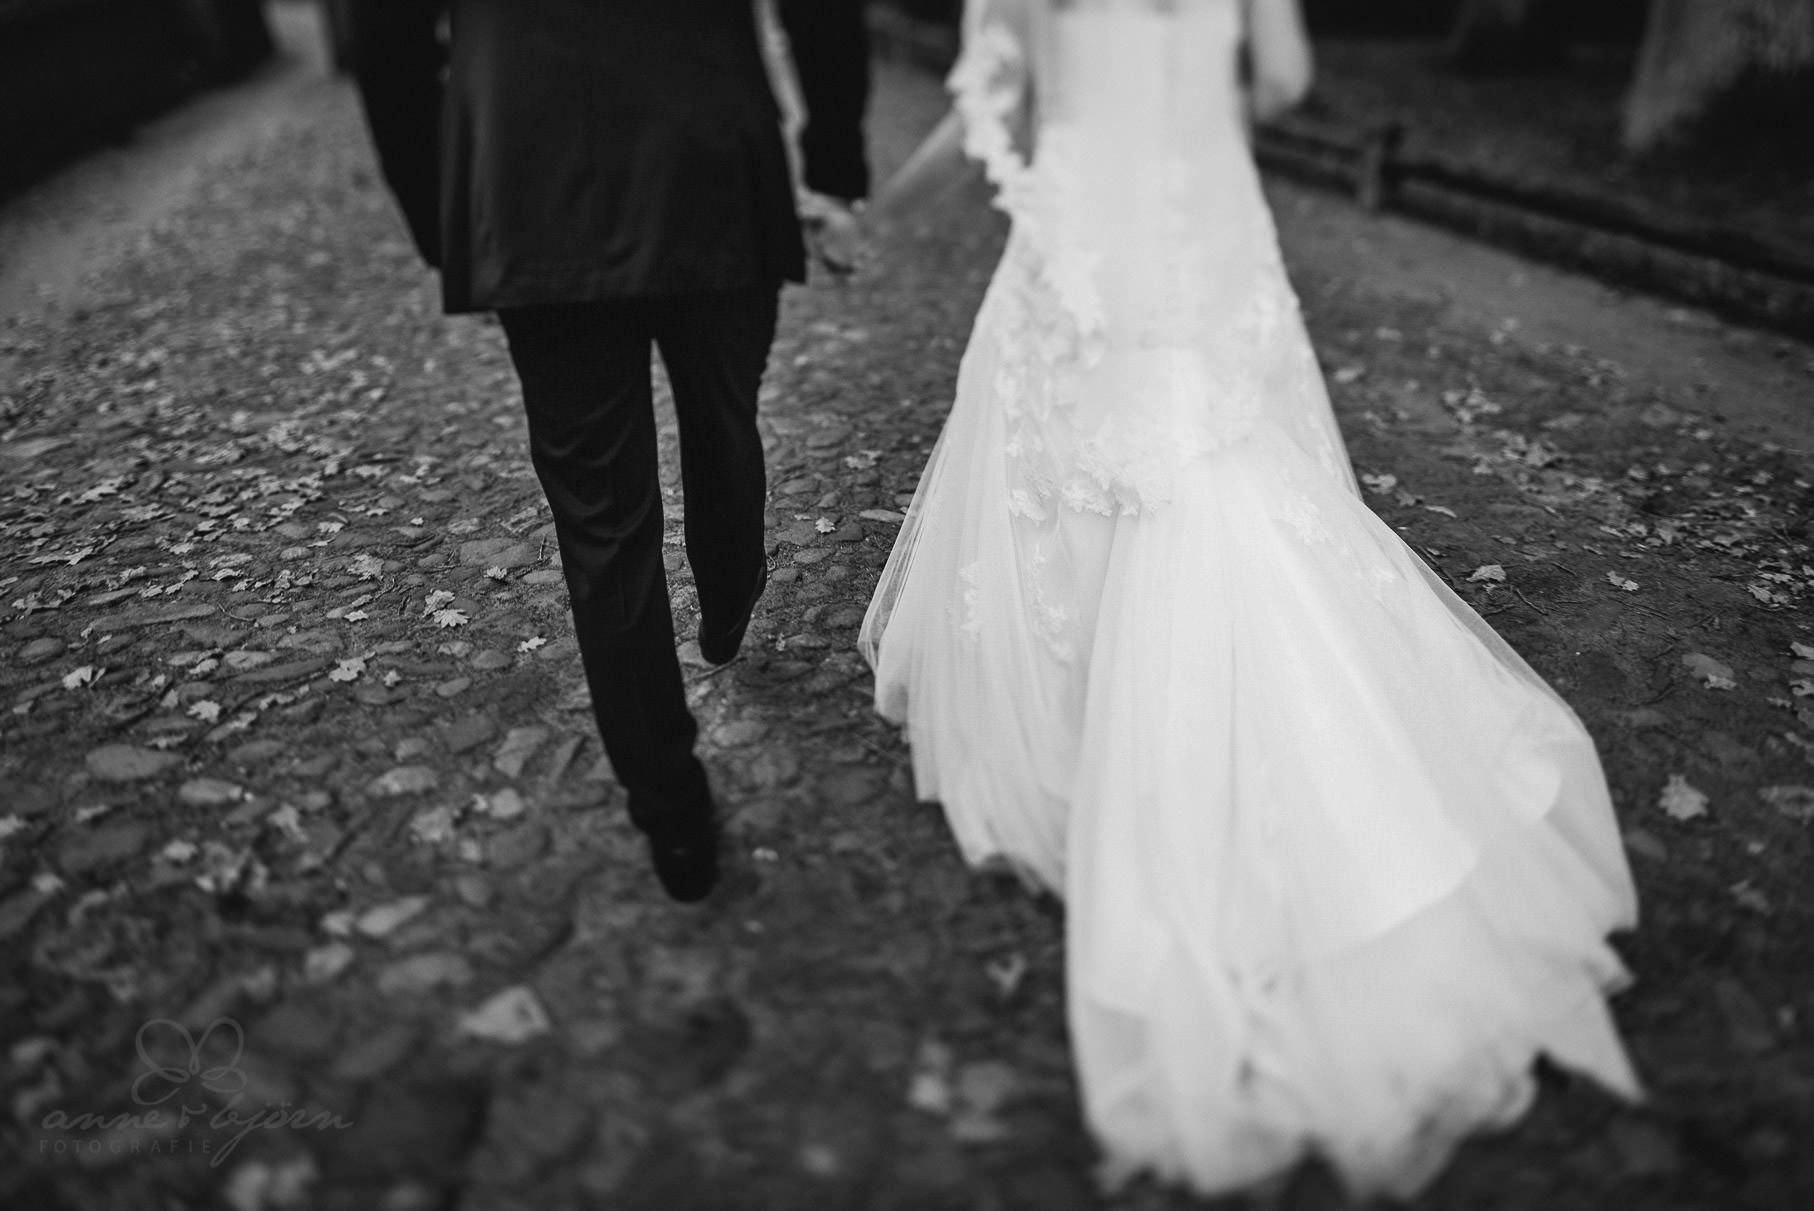 0098 aub 812 9912 - Hochzeit auf Gut Thansen - Anja & Björn